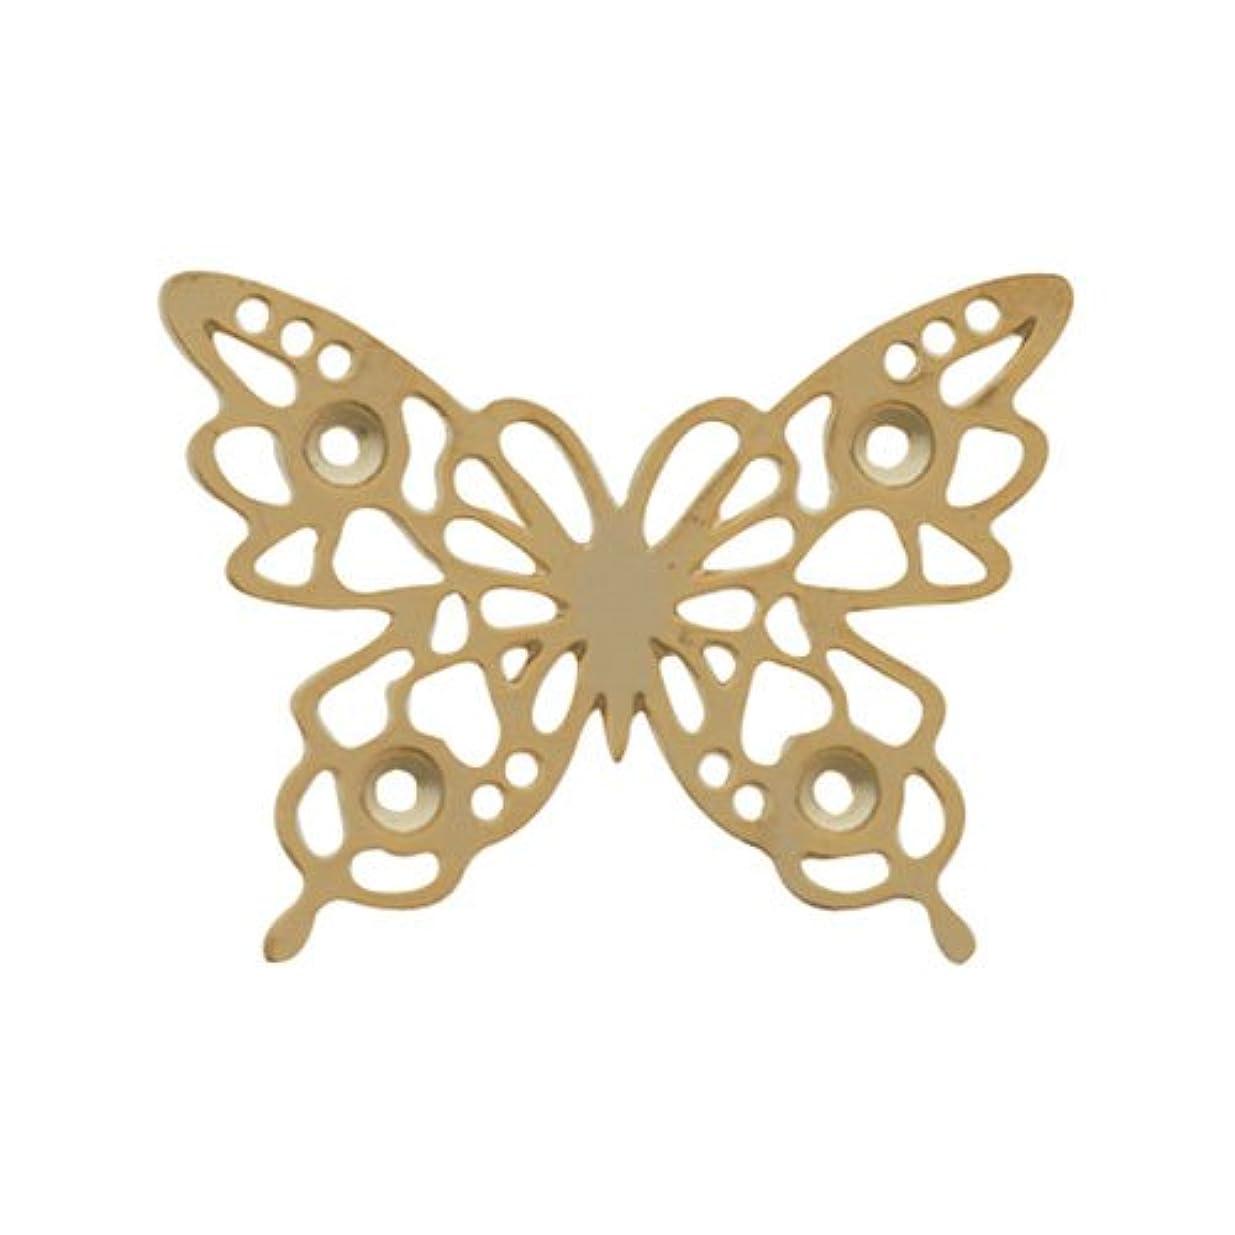 序文回復する病的リトルプリティー ネイルアートパーツ チョウレースM ゴールド 10個